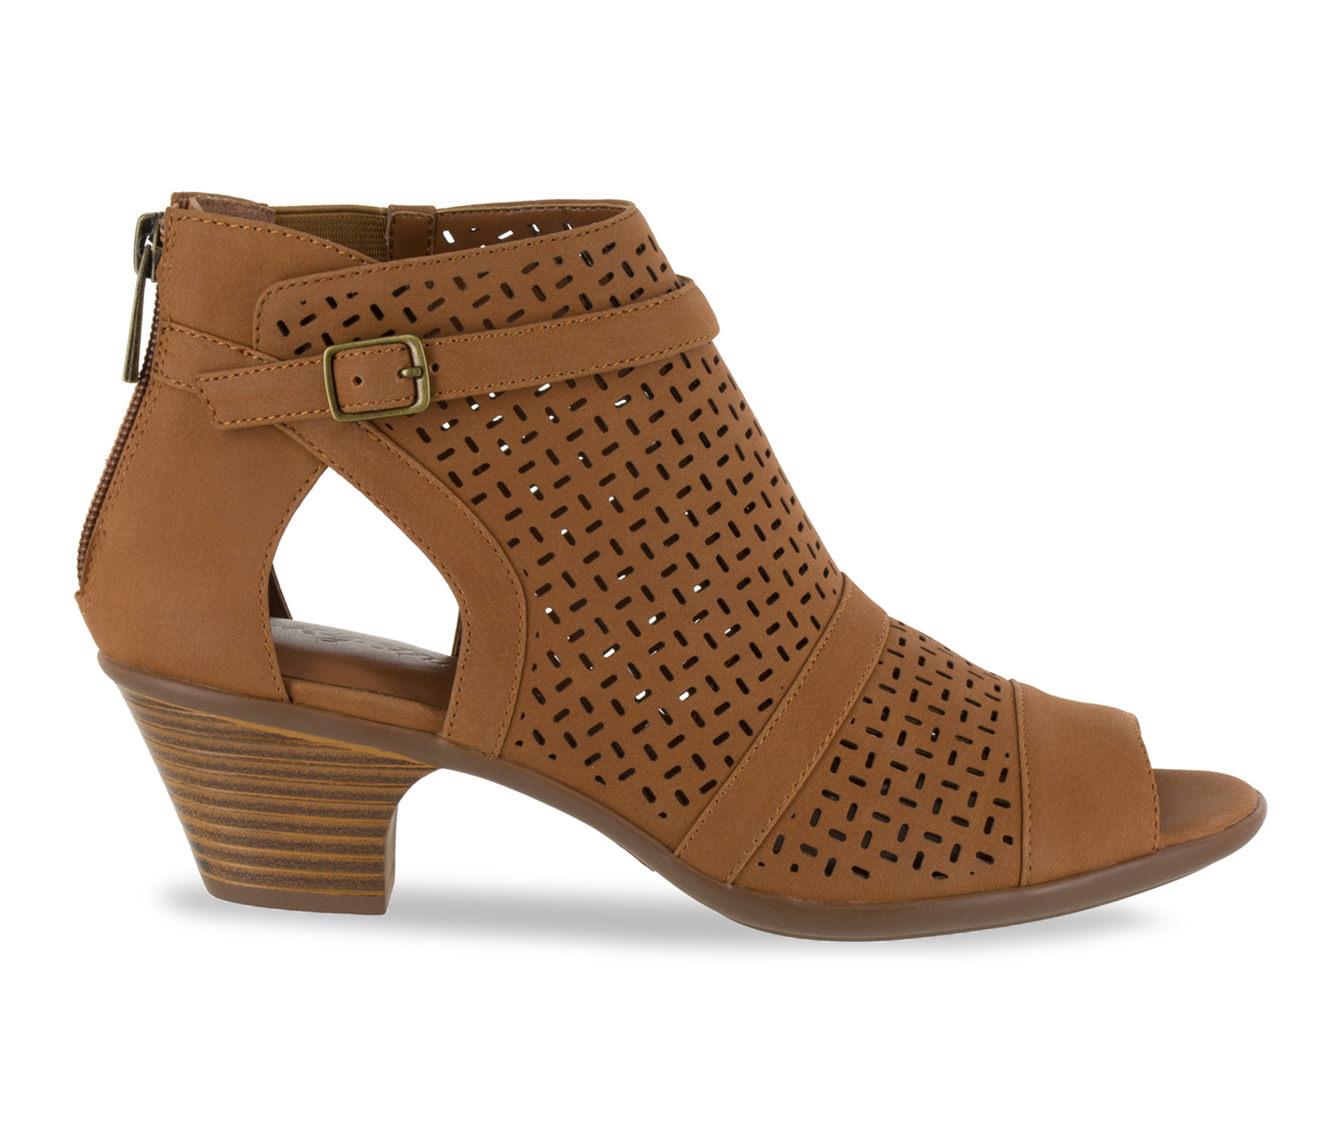 Easy Street Carrigan Women's Dress Shoe (Beige Faux Leather)